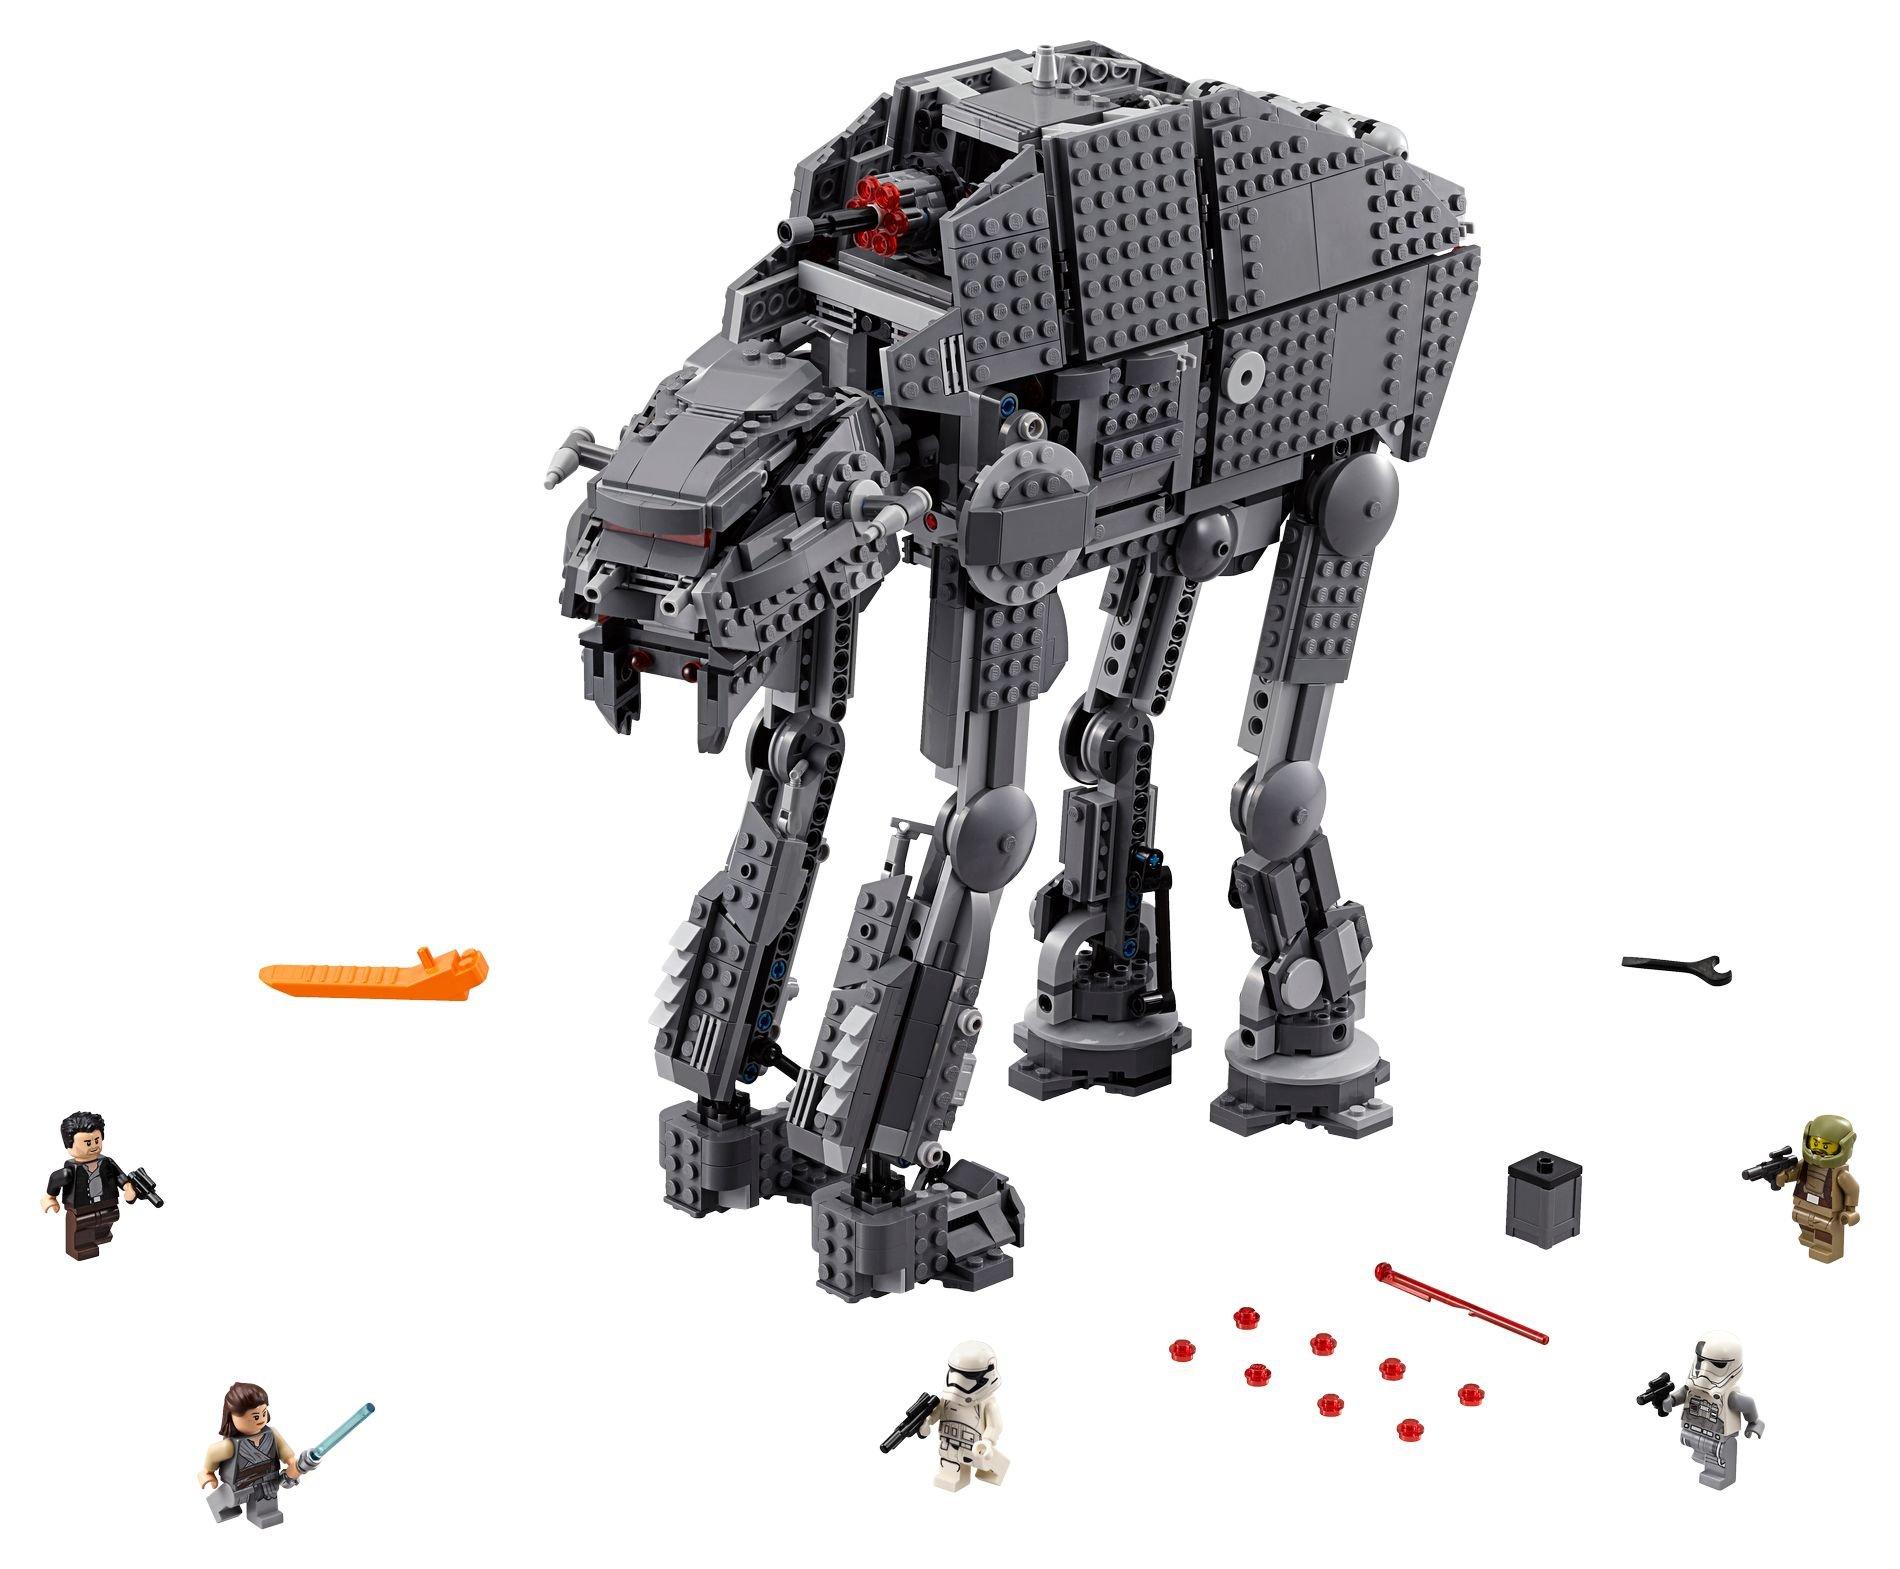 LEGO (pop)kultura: od dzieciństwa bez instrukcji po licencję Gwiezdnych Wojen